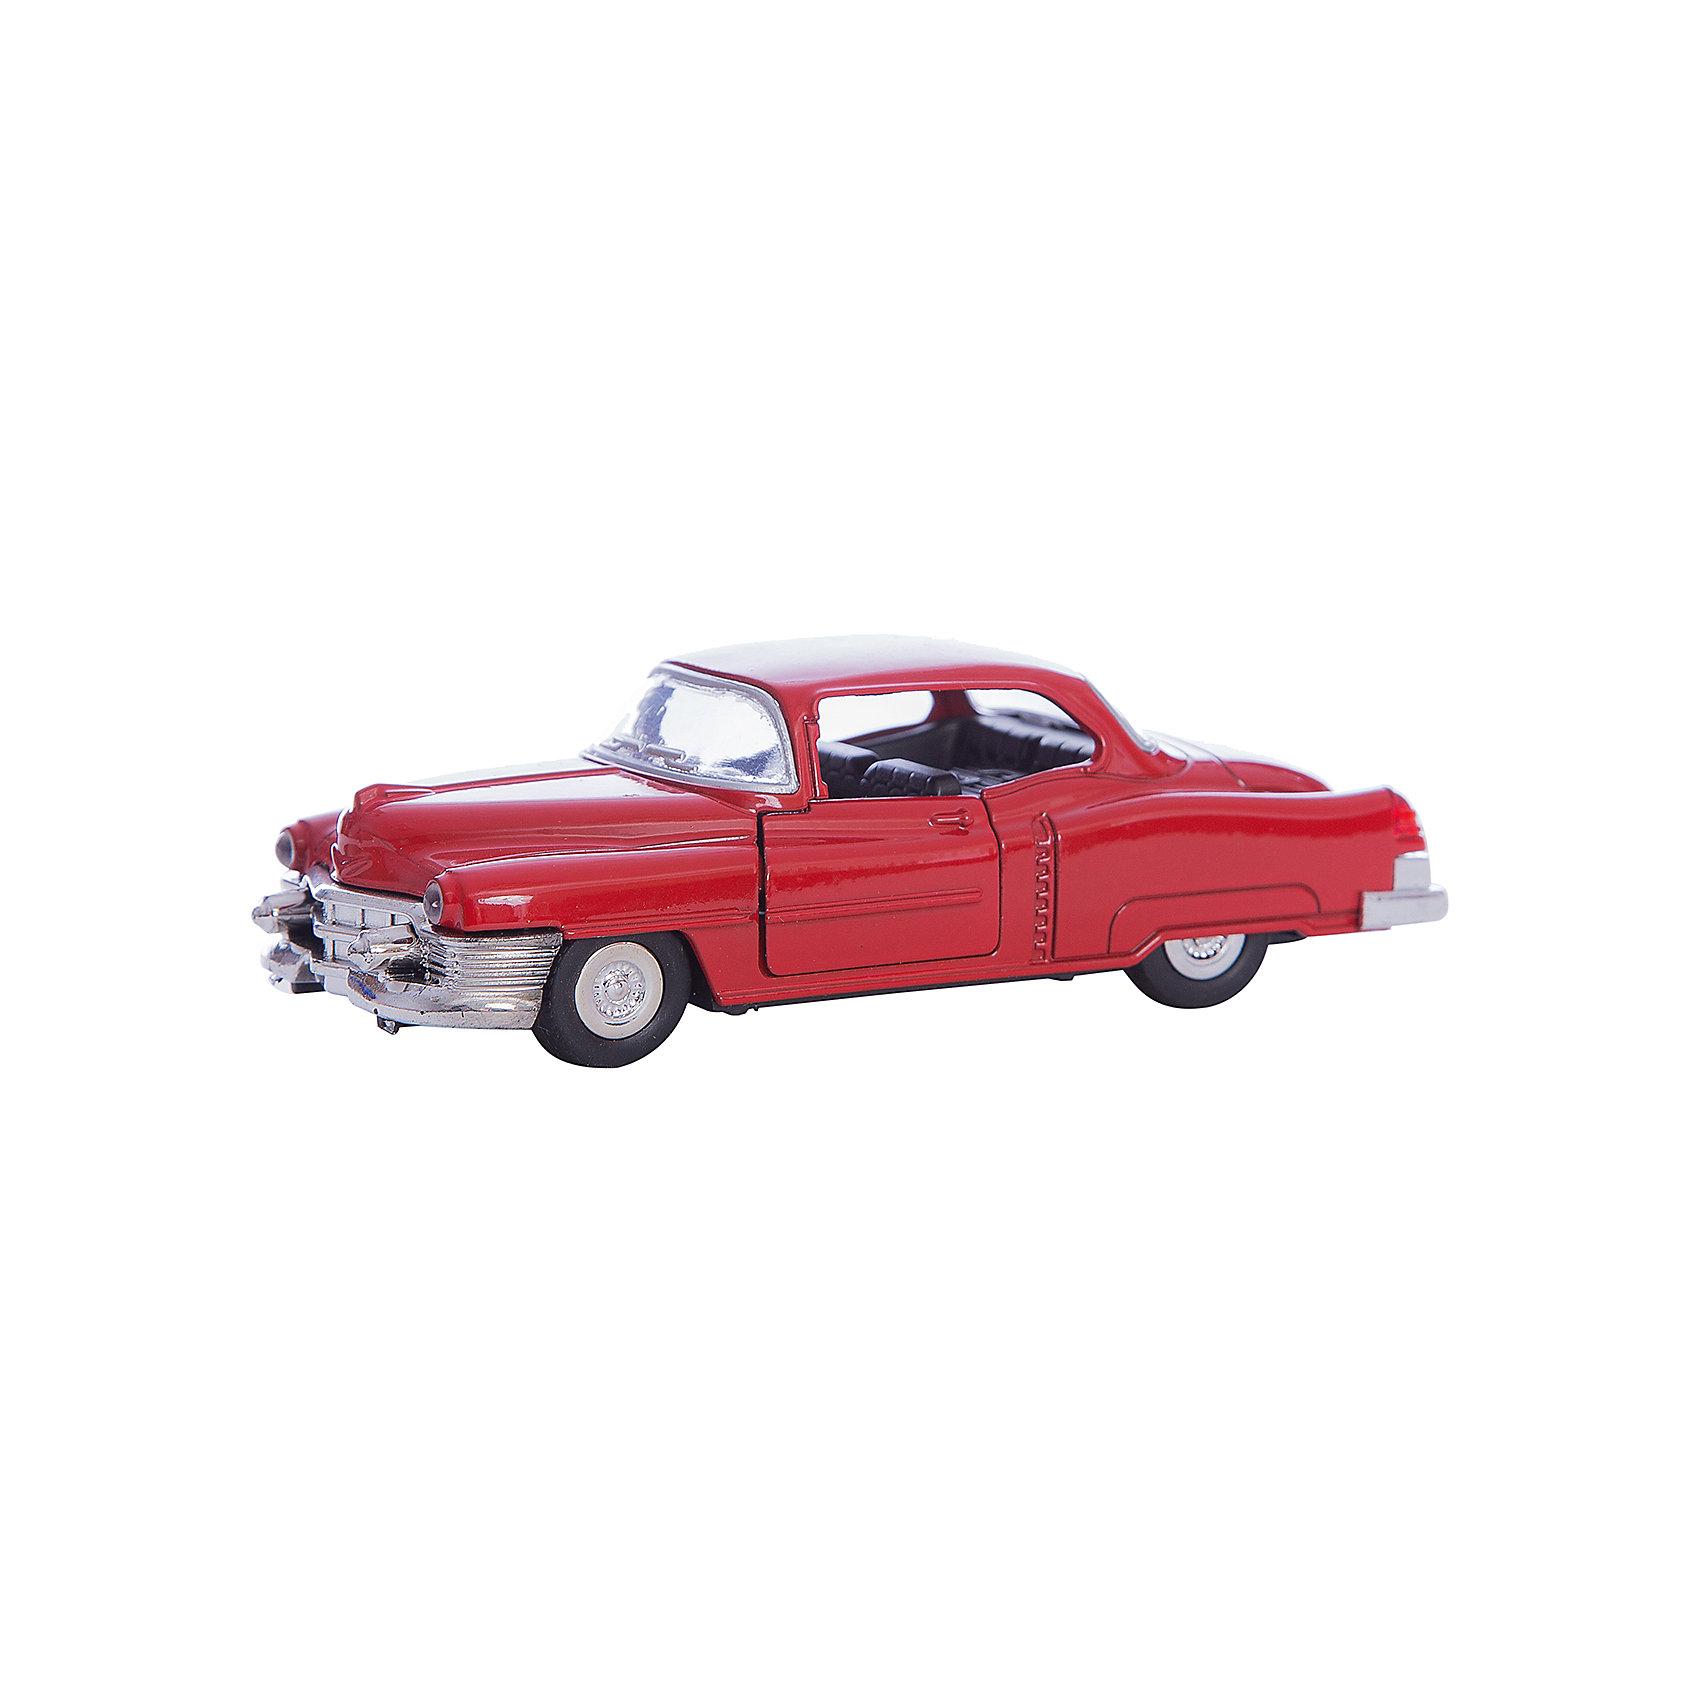 Инерционная машинка Yako Toys Драйв Collection, 1:34 (красная)Машинки<br>Машина инерционная, металлическая. Инерционный механизм - pull back (тянуть назад - едет вперёд). Двери открываются. Сделана в примерном масштабе 1:34. Серия Драв Collection. Цвета в ассортименте.<br><br>Ширина мм: 160<br>Глубина мм: 70<br>Высота мм: 70<br>Вес г: 170<br>Возраст от месяцев: 36<br>Возраст до месяцев: 72<br>Пол: Мужской<br>Возраст: Детский<br>SKU: 7172267